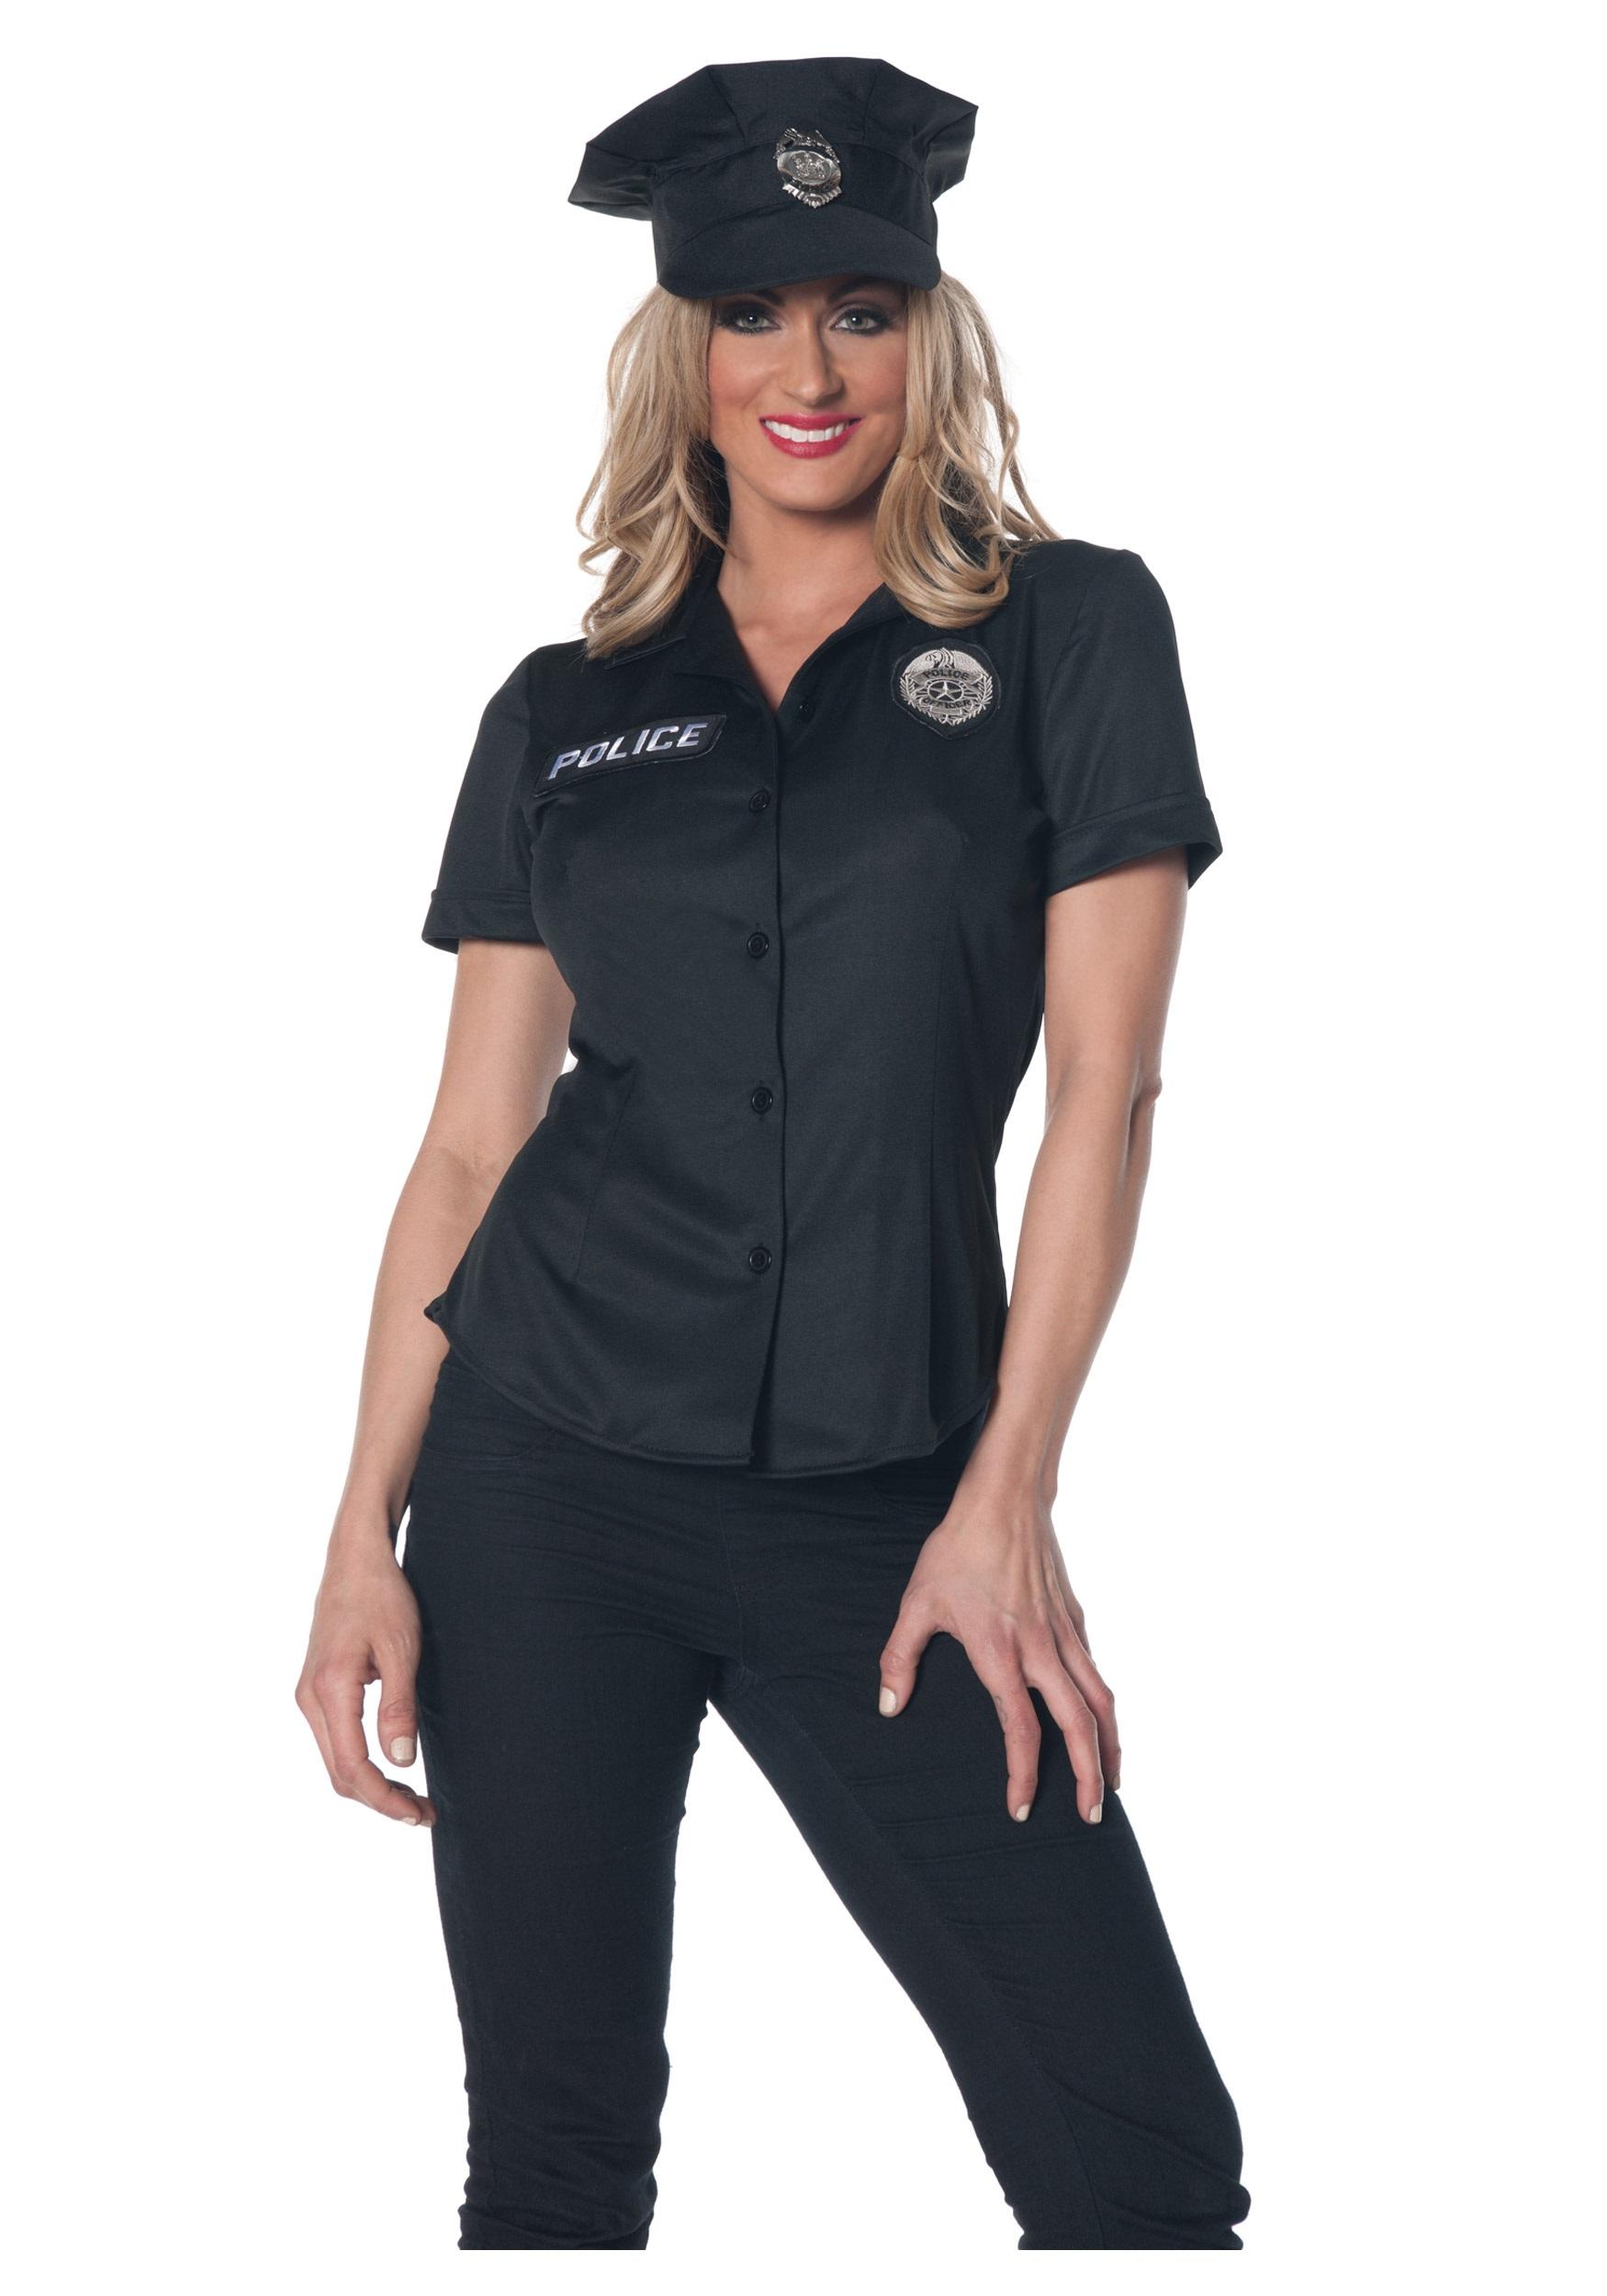 Plus size uniform